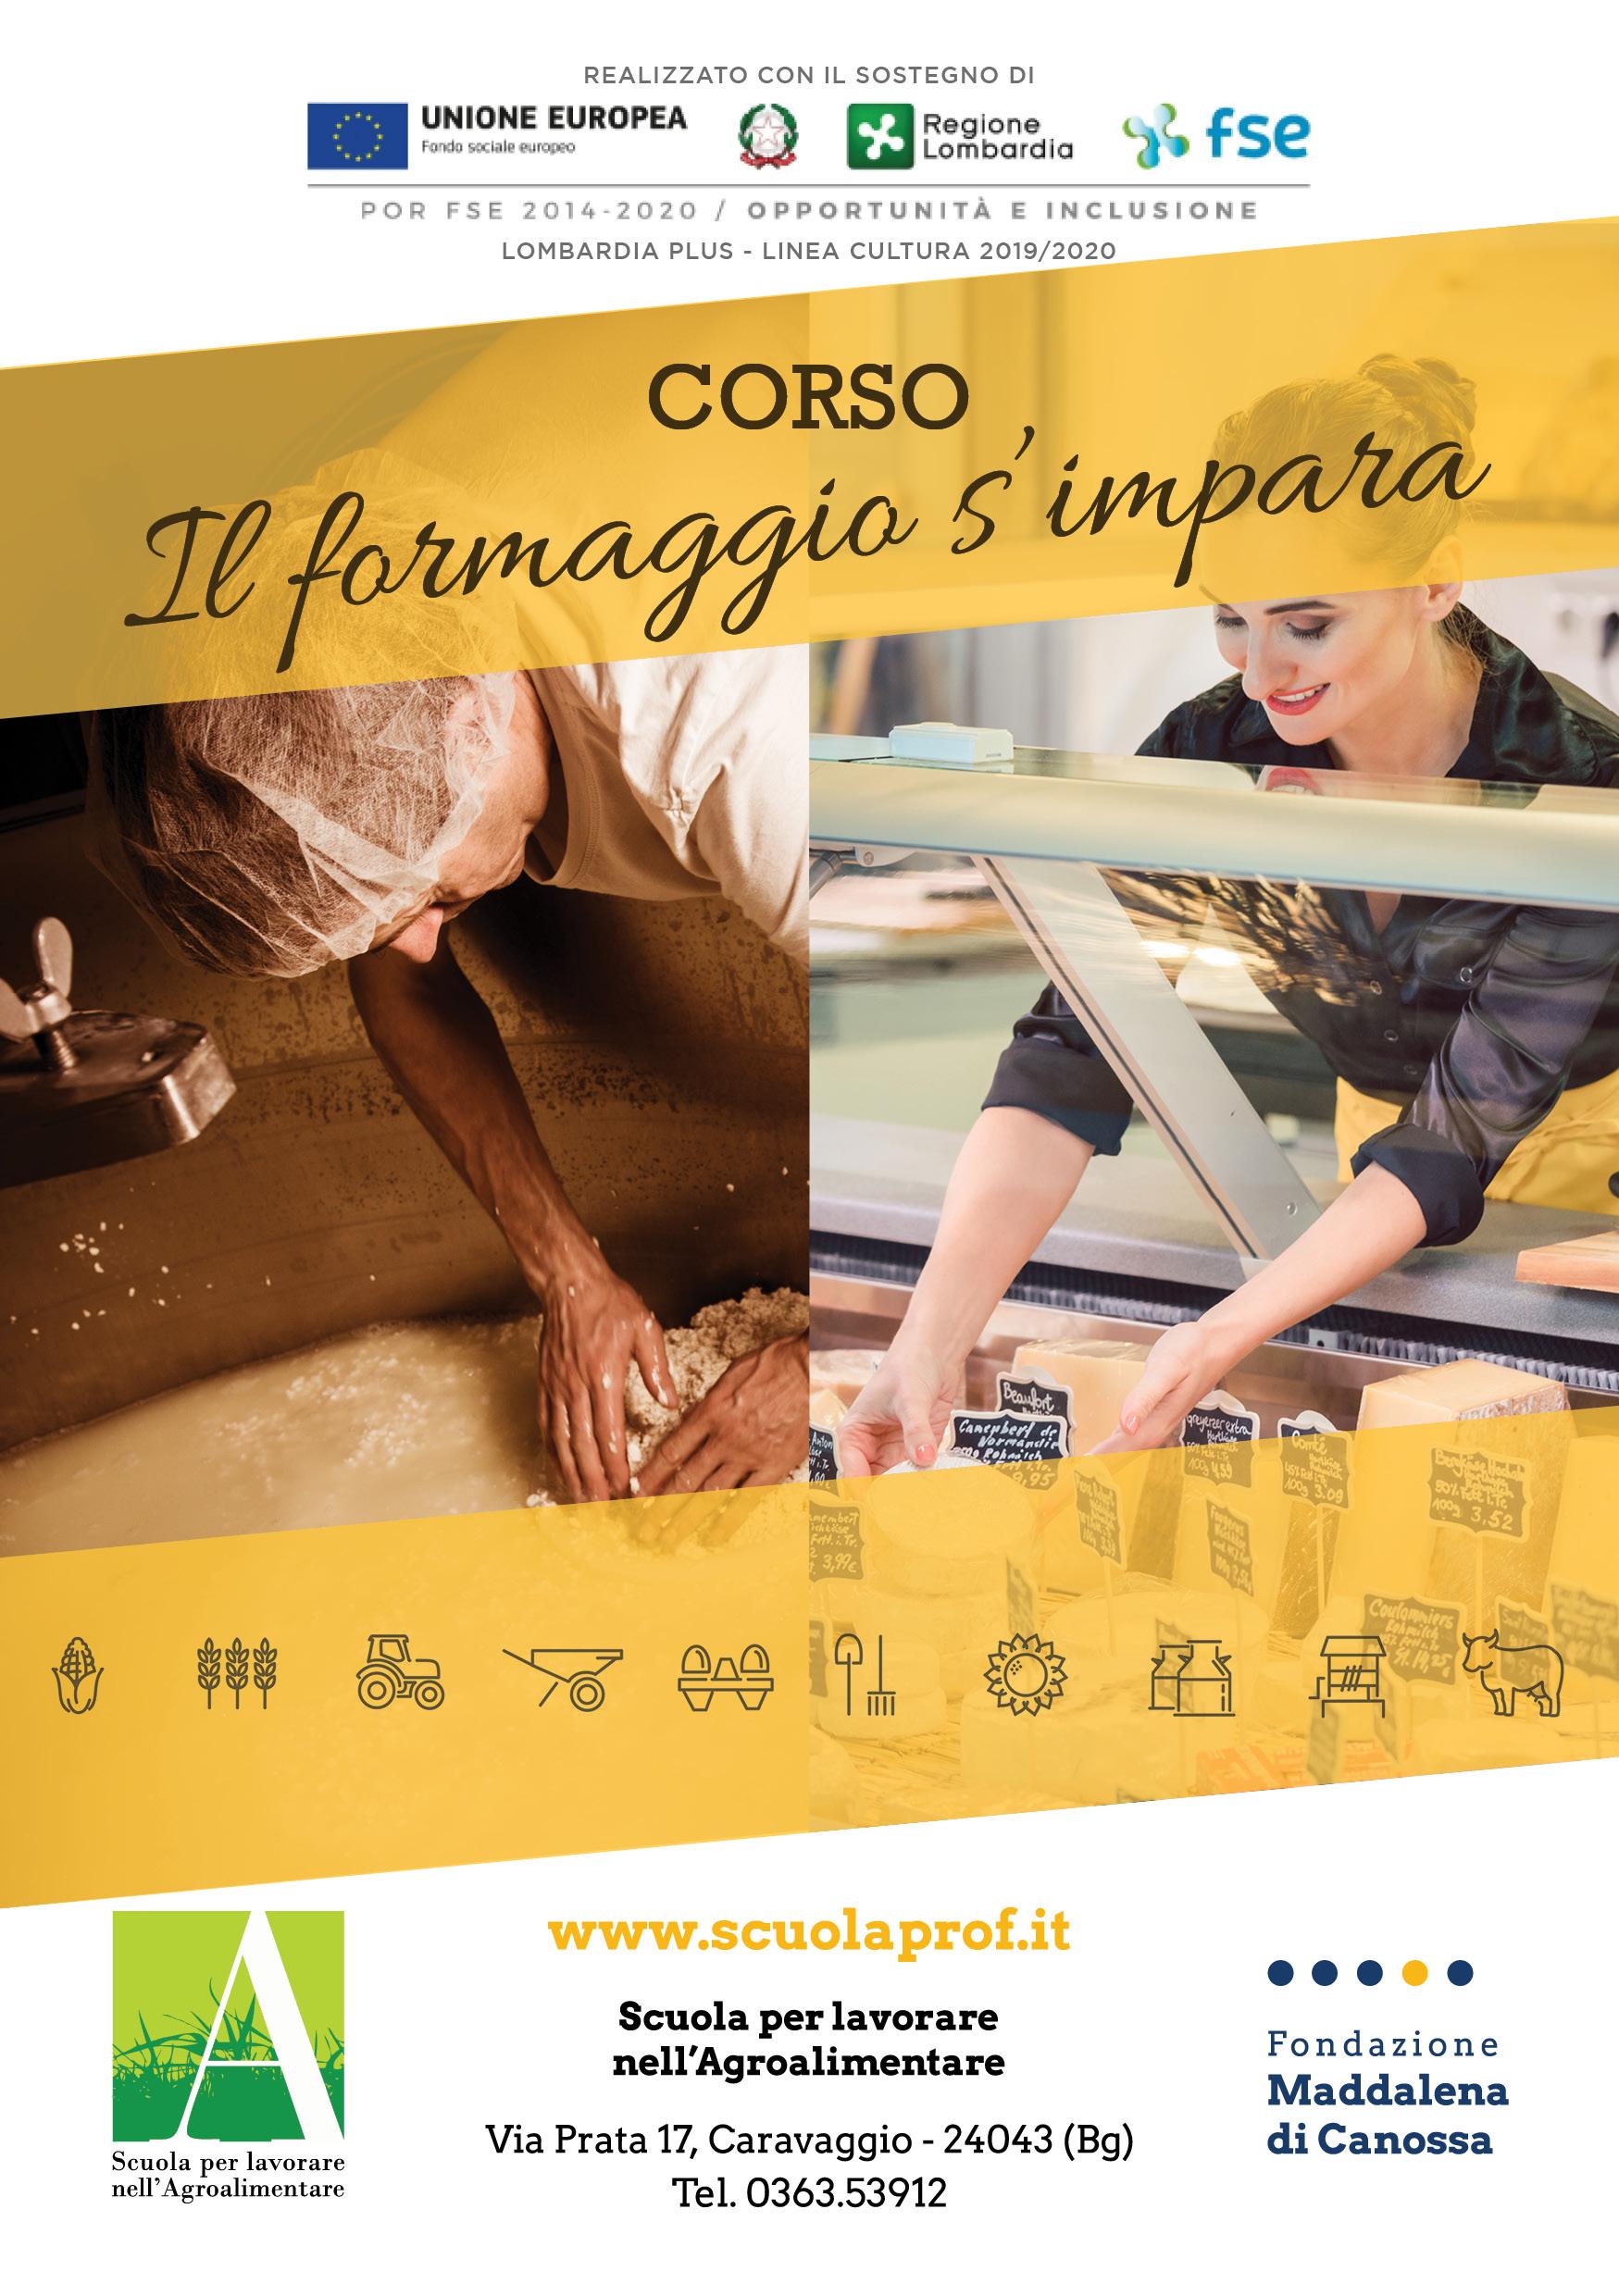 SPLNA_Flyer_CORSO_Casaro 2019_1